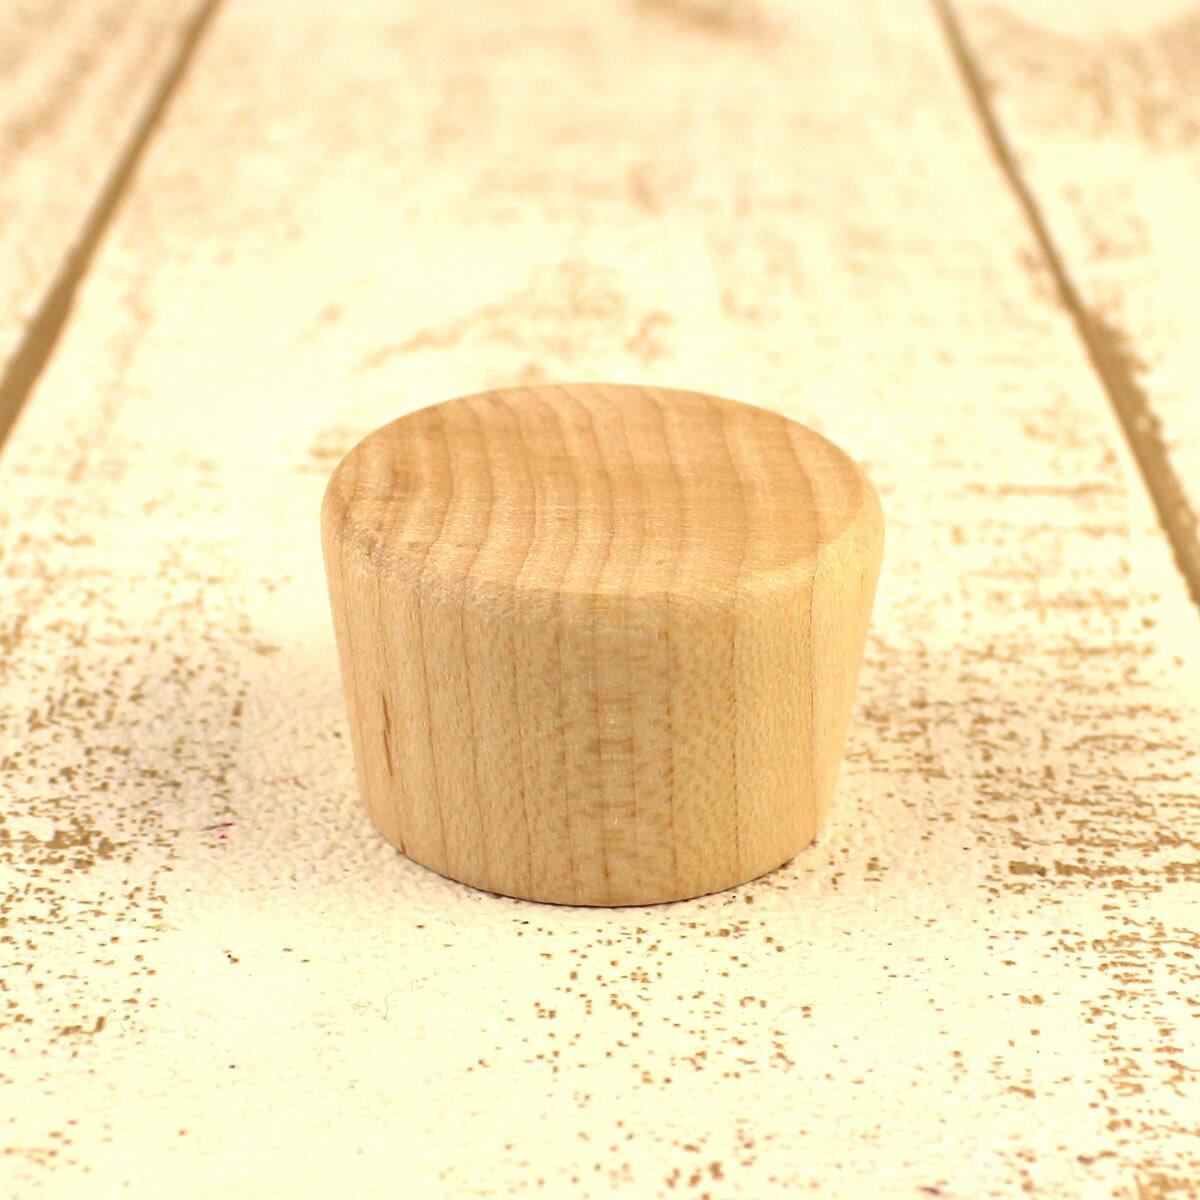 即日 ハーバリウム瓶専用 木製キャップ(単品) メープル《花資材・道具 ハーバリウム材料 ハーバリウム オイル》